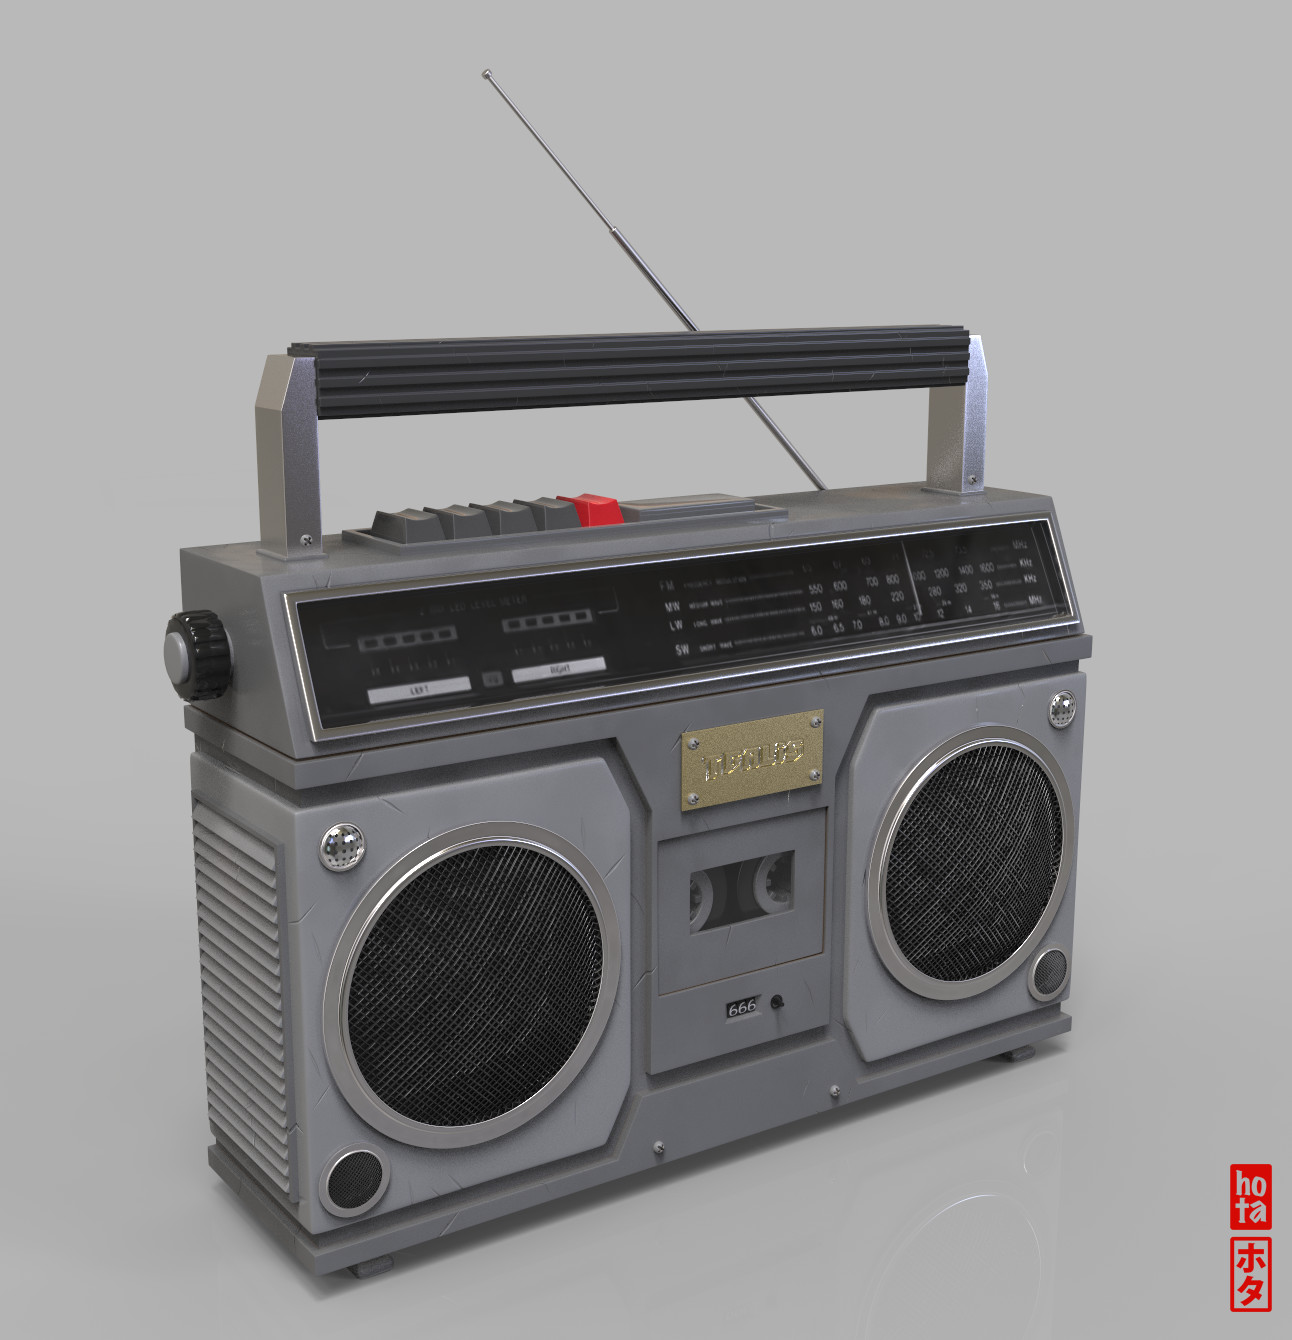 Hota aisa radio3